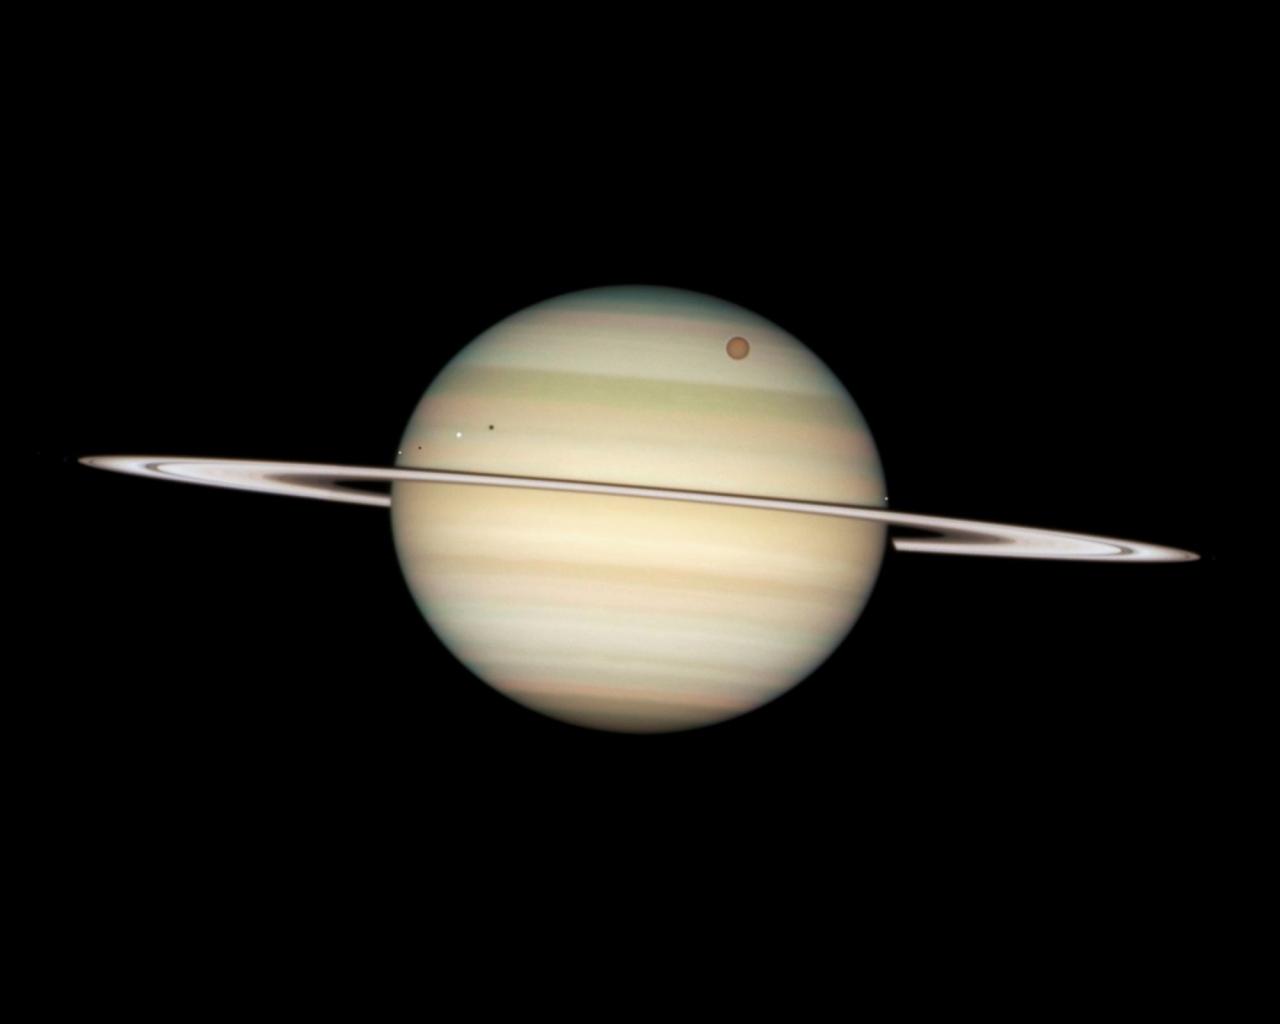 Fotografía de Saturno - 1280x1024